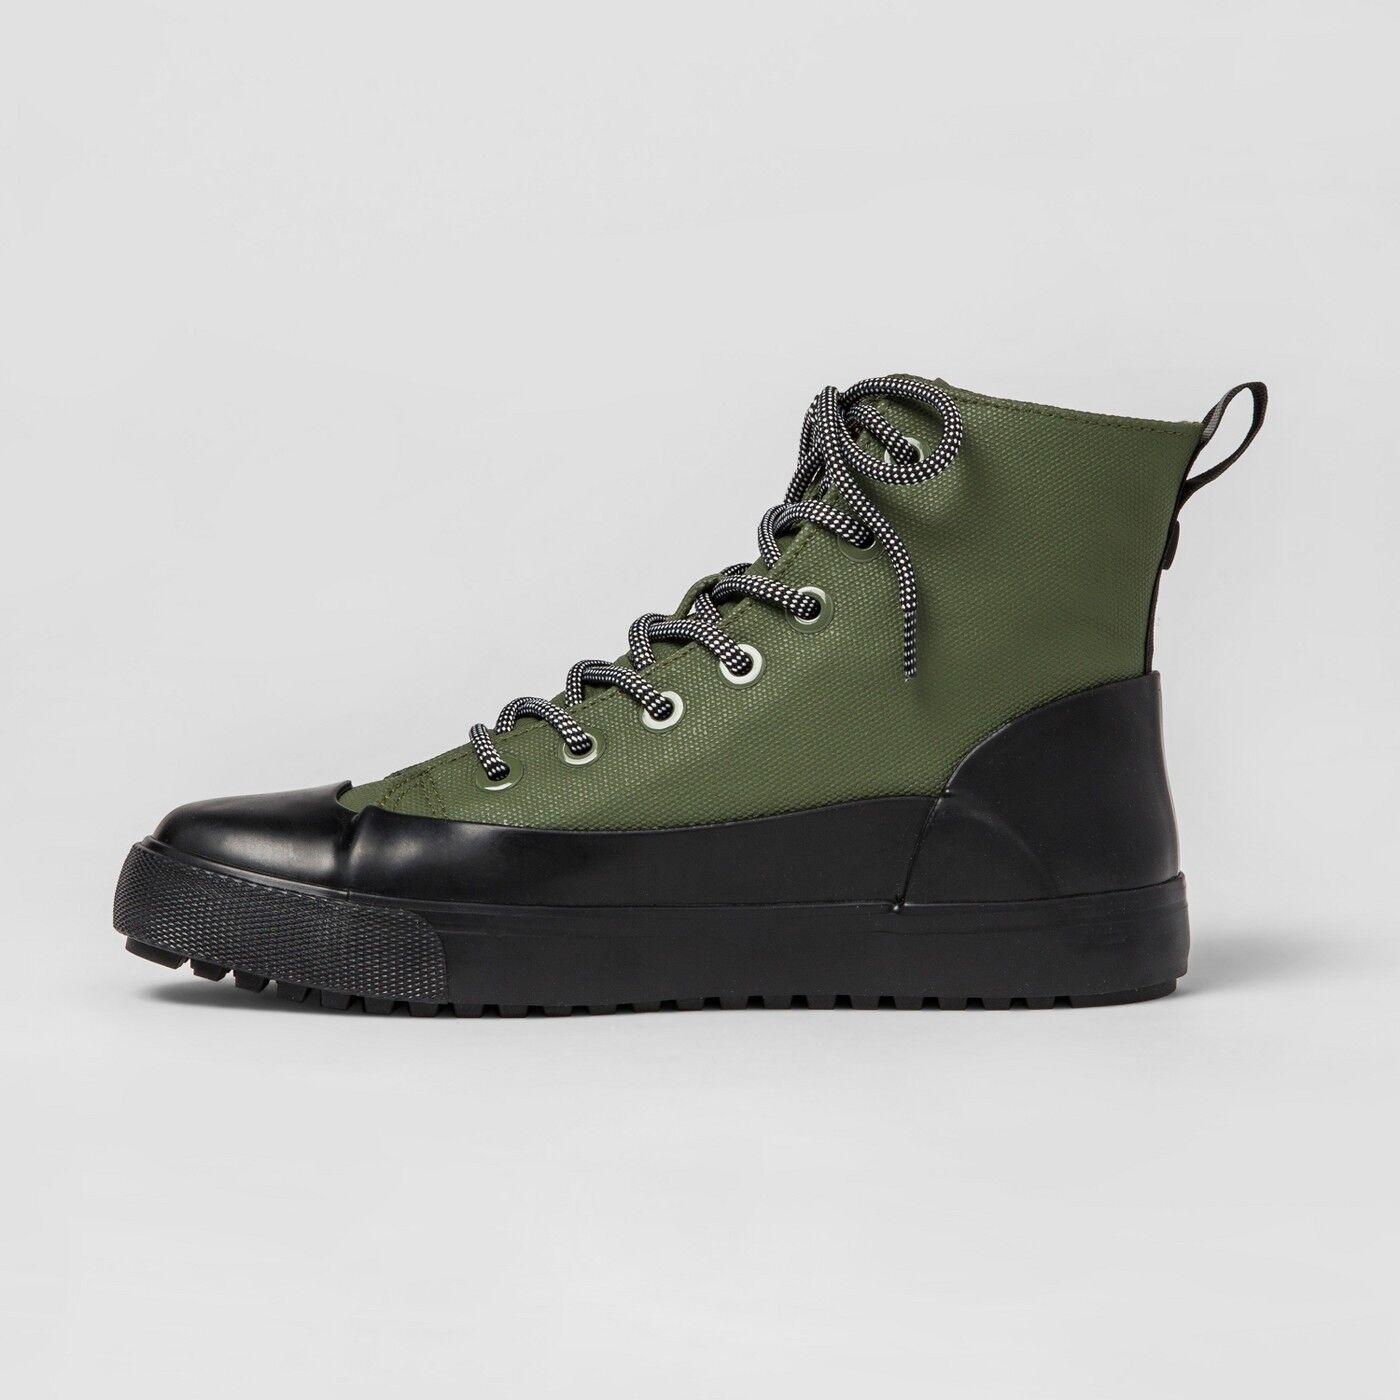 Hunter per l'adulto con scarpe alte unisex tela oliva m - 14 / w - 12